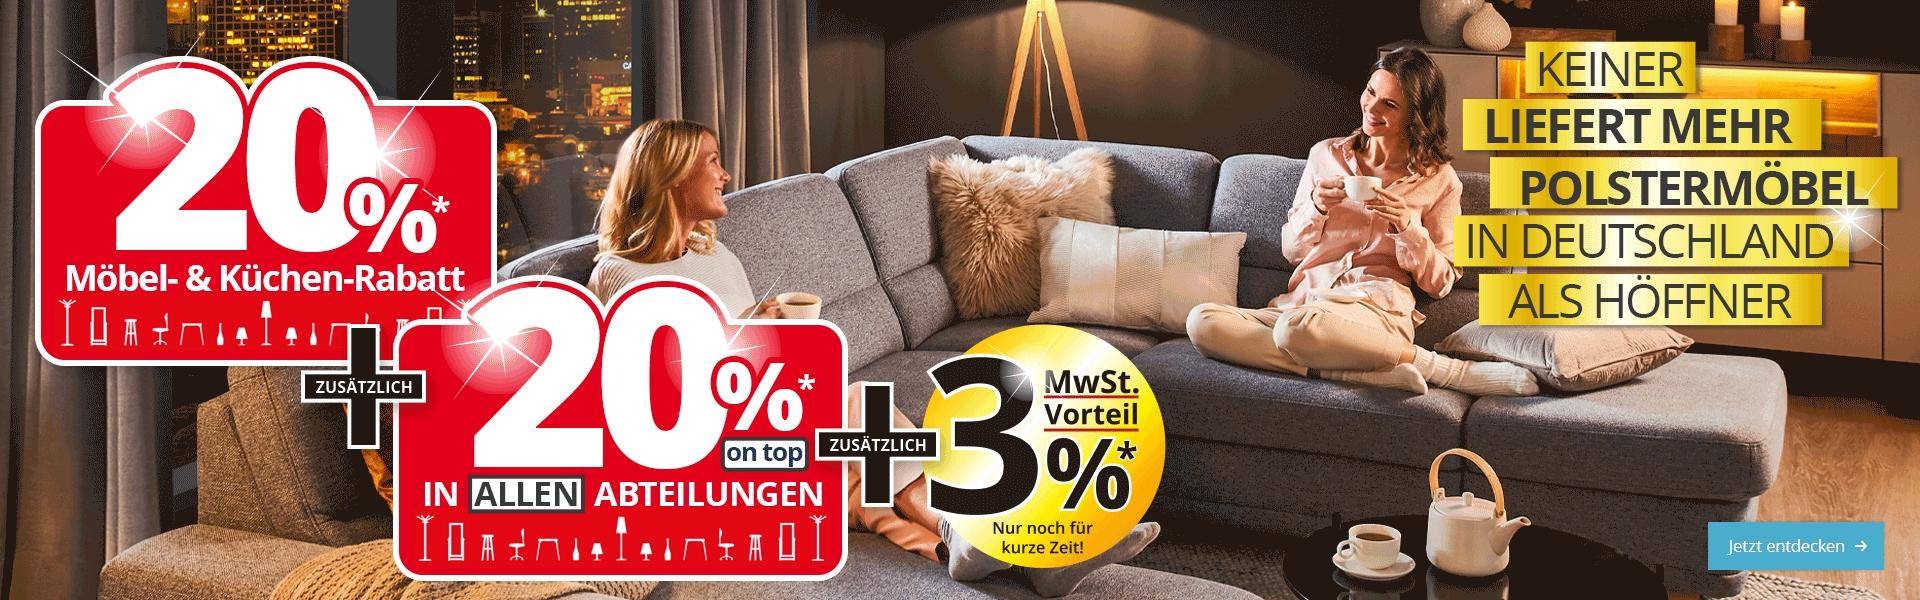 Aktion bei Möbel Höffner! 20% Auf Möbel und Küchen PLUS 20% auf das gesamte Sortiment